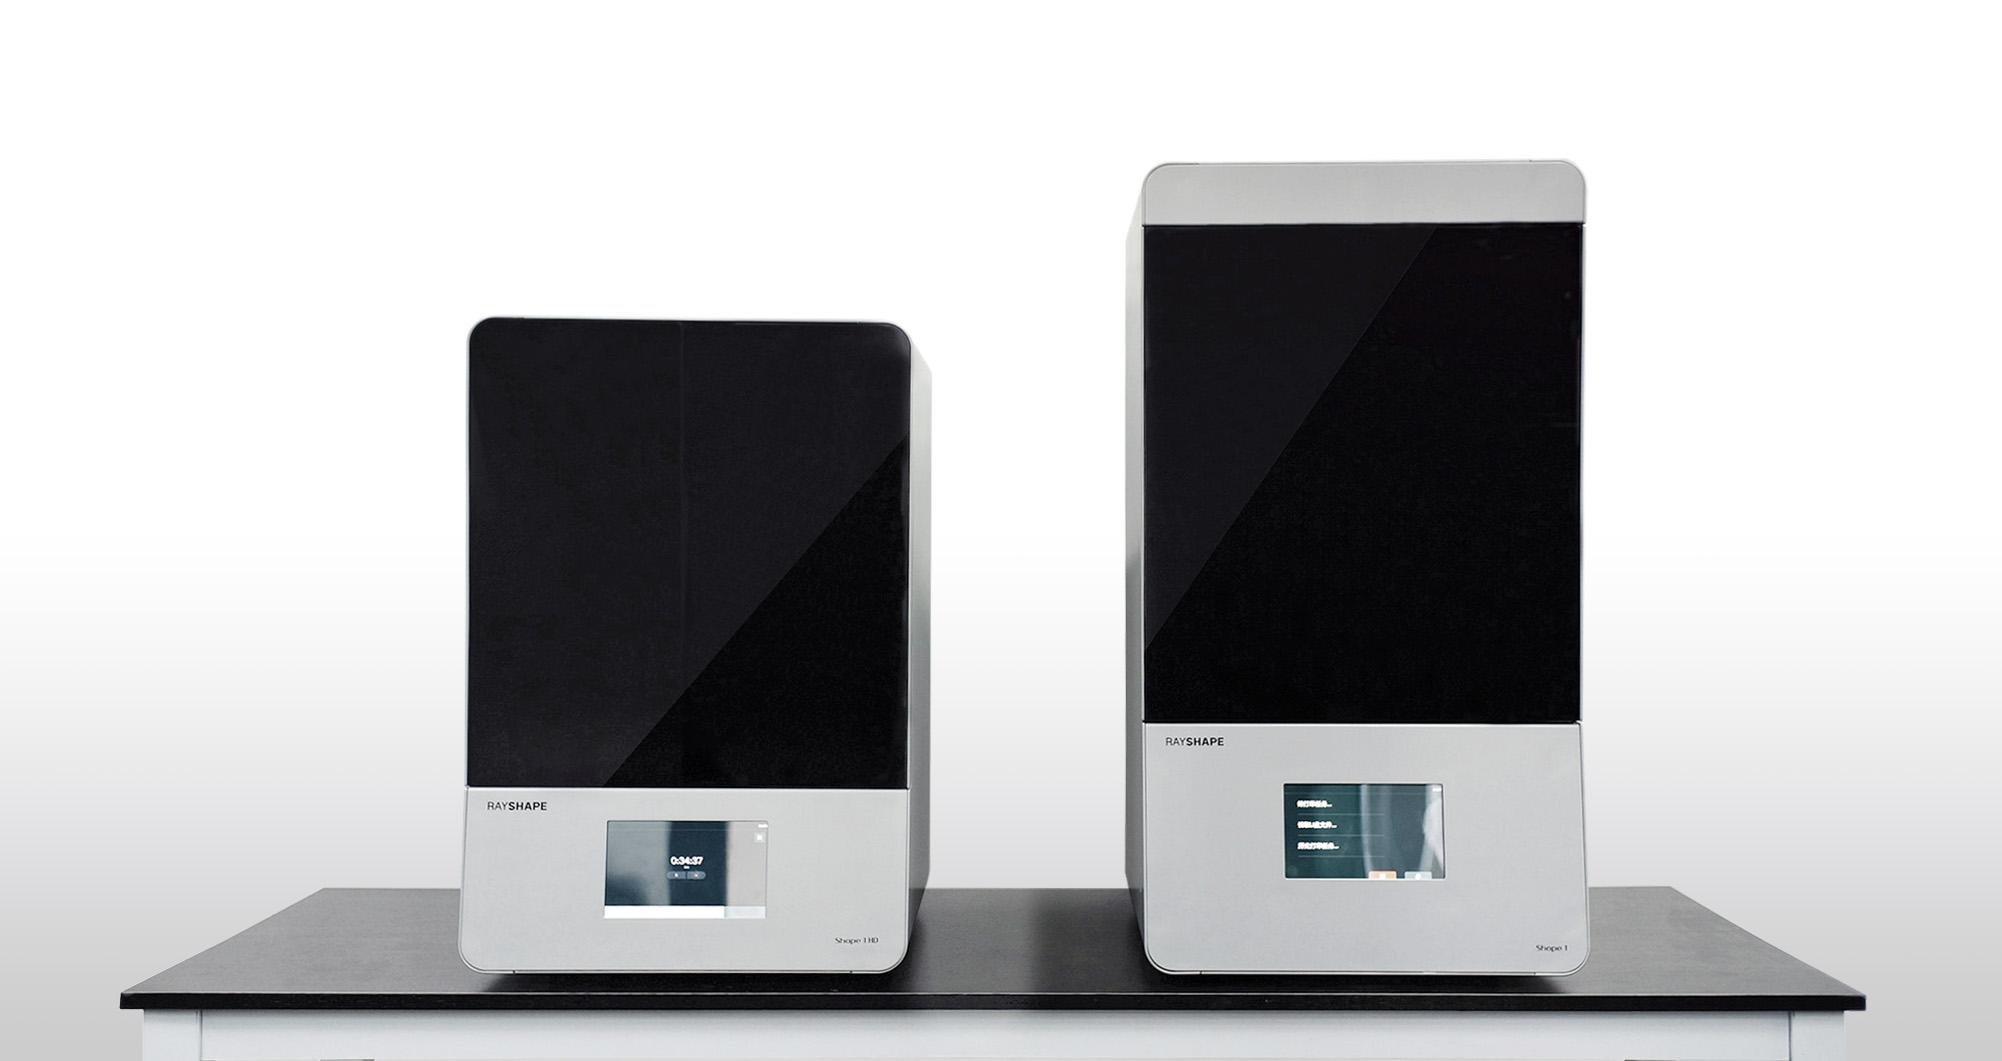 DSC00005-4